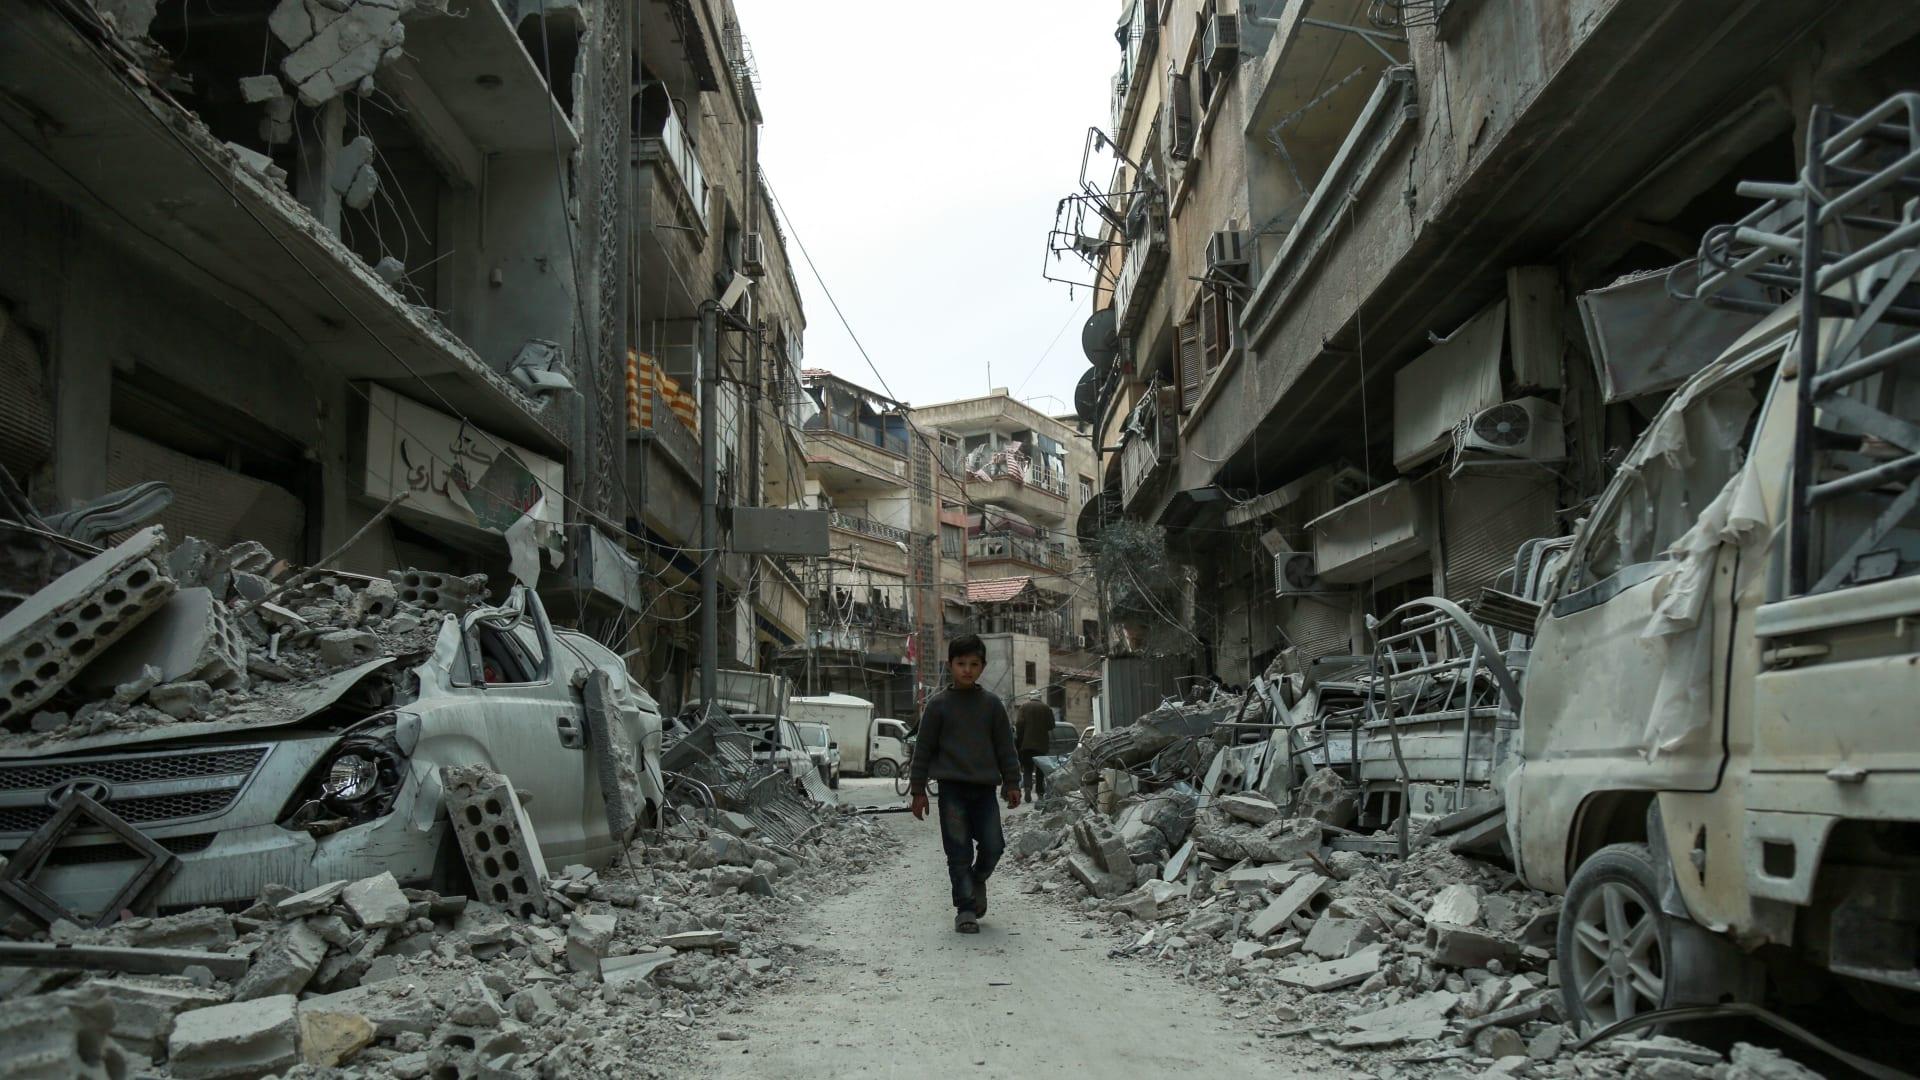 المنظمات الإنسانية محذّرة من تفاقم وضع الهاربين من الغوطة الشرقية: الأسوأ قادم